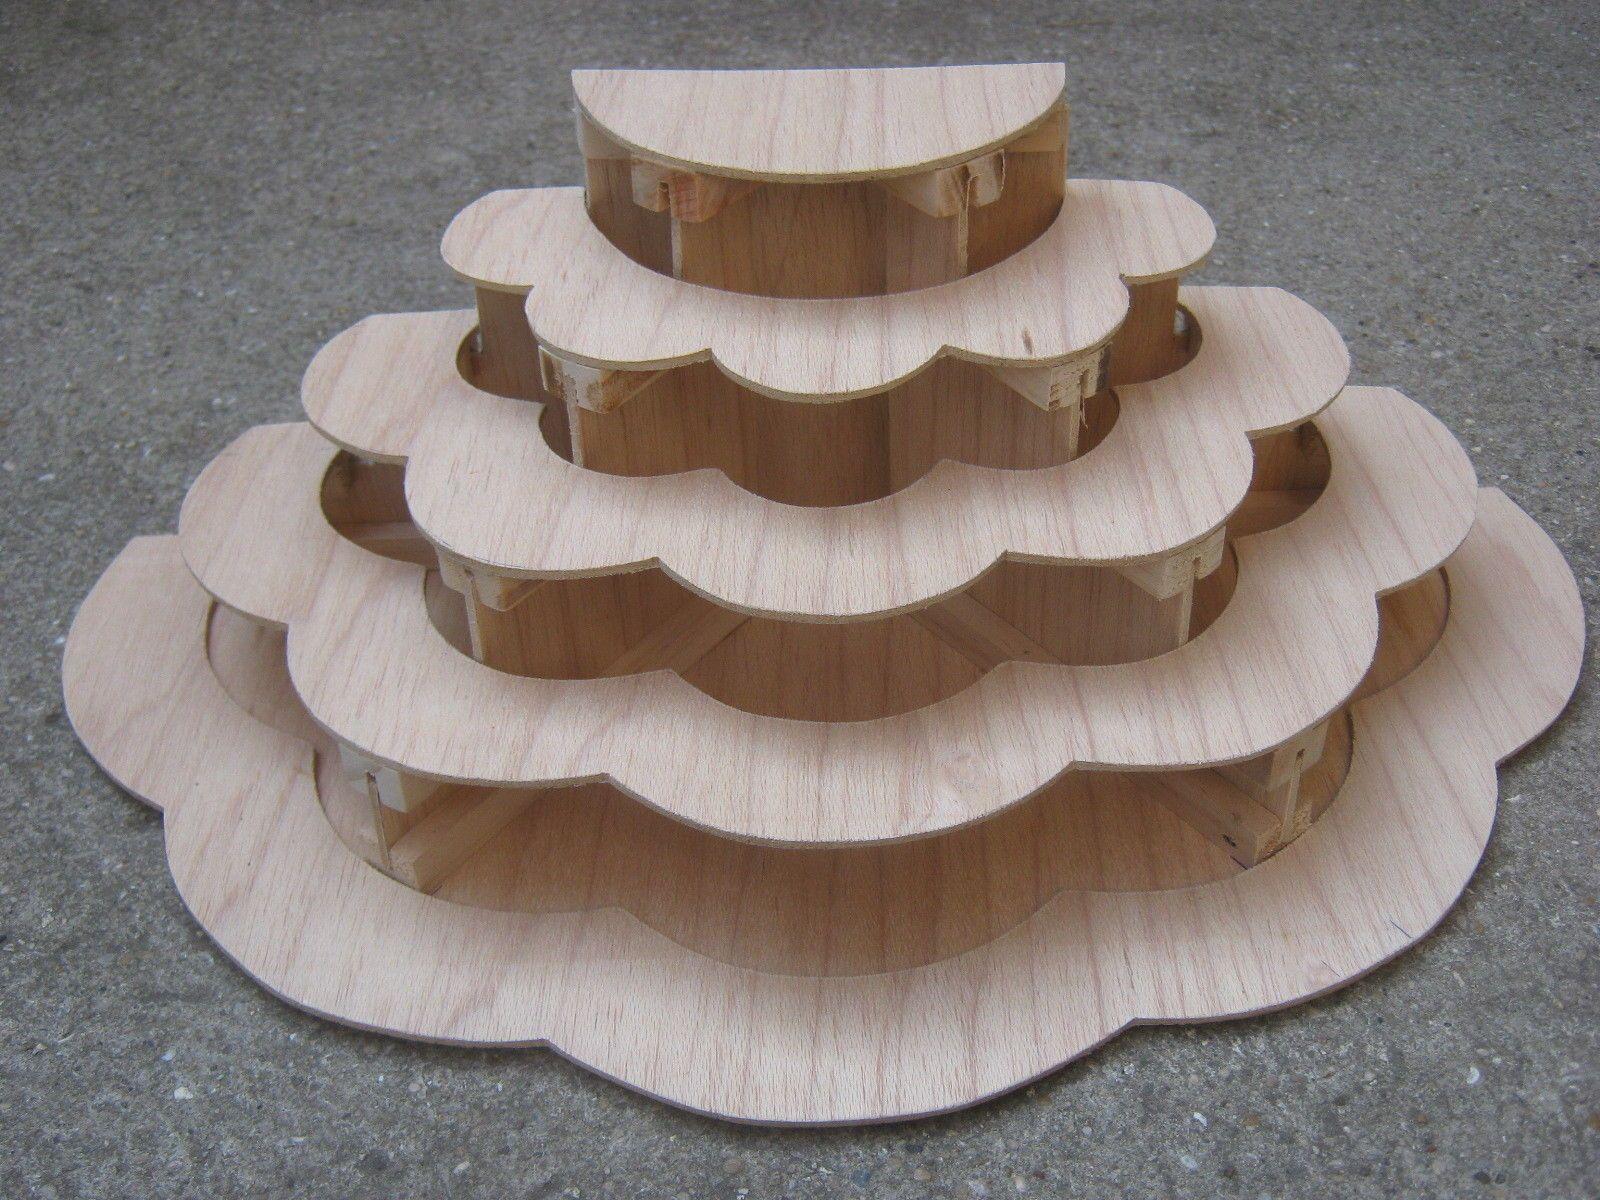 Presentoir A Etages Etagere Bois Gateau Porcelaine Miniature  # Image Etagere En Bois Vitriner